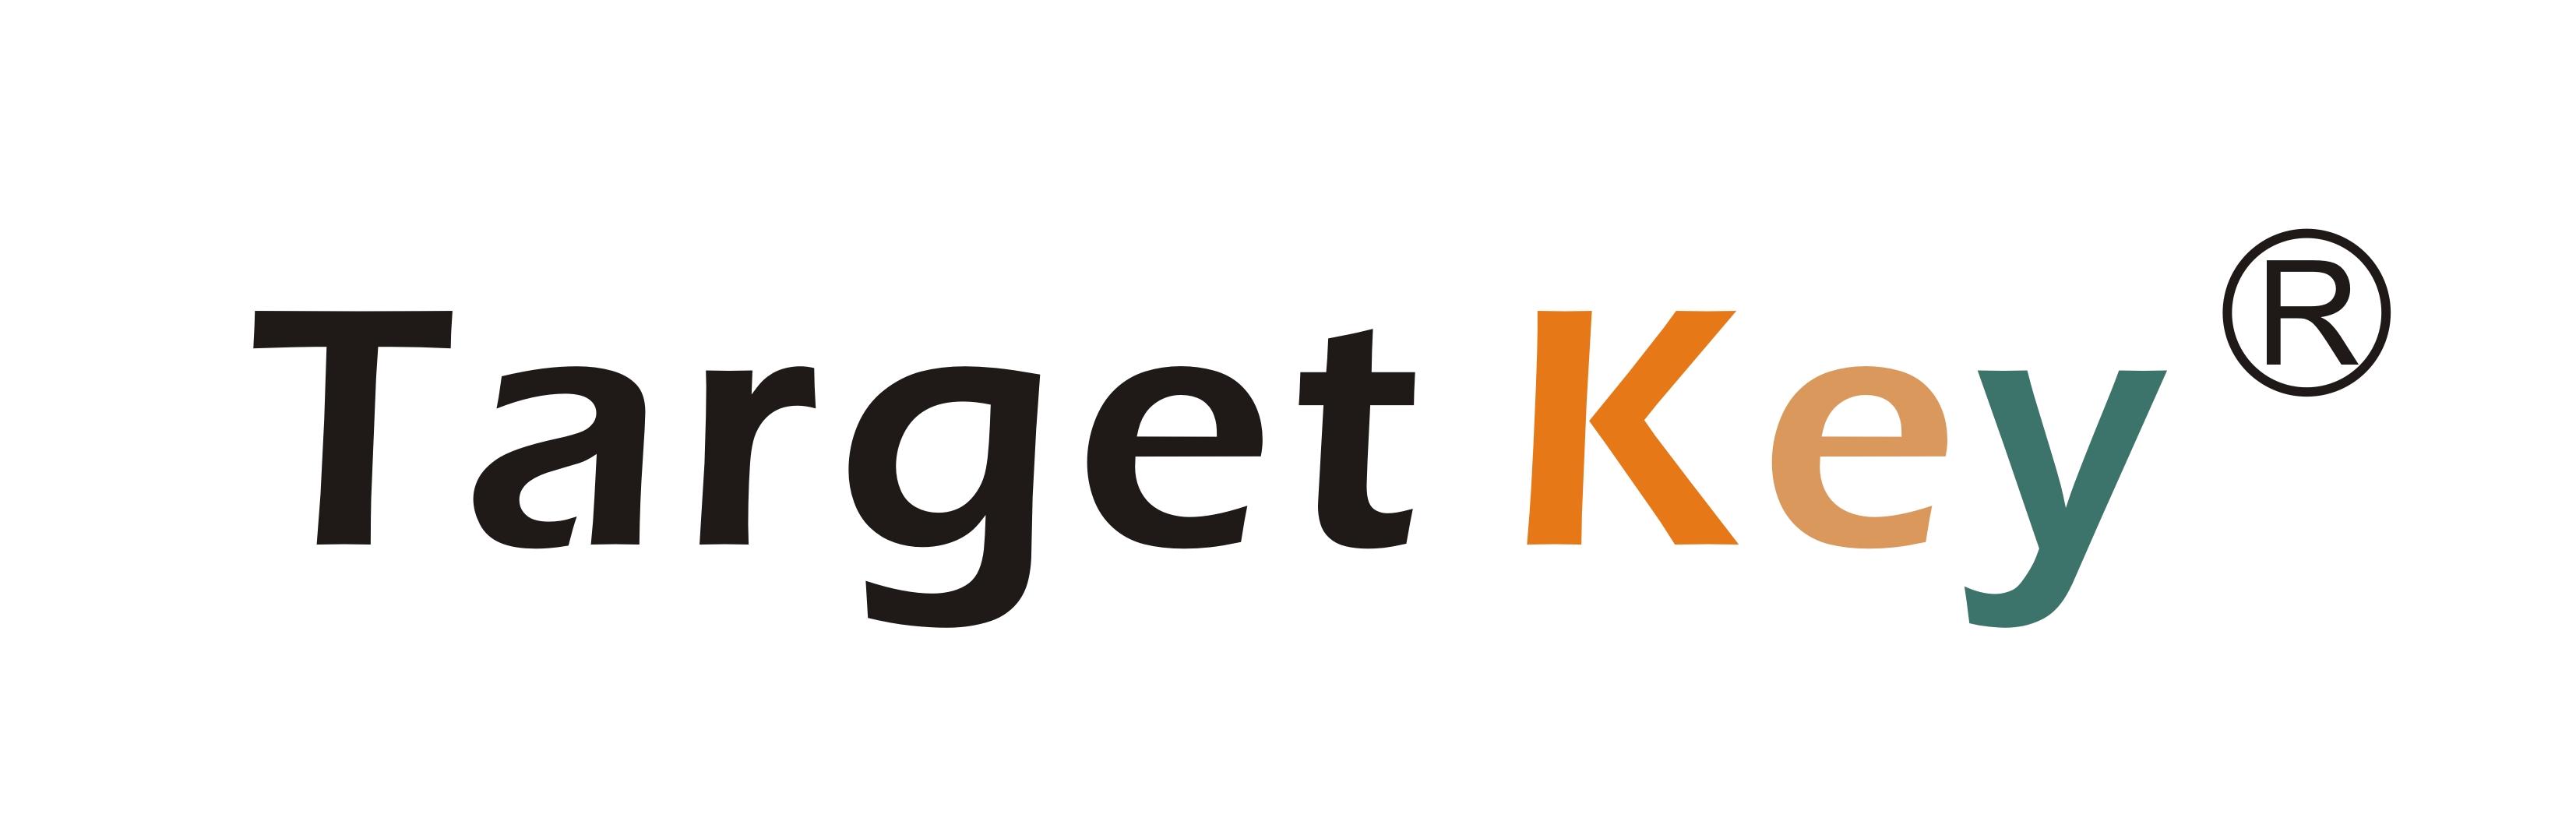 Target Key